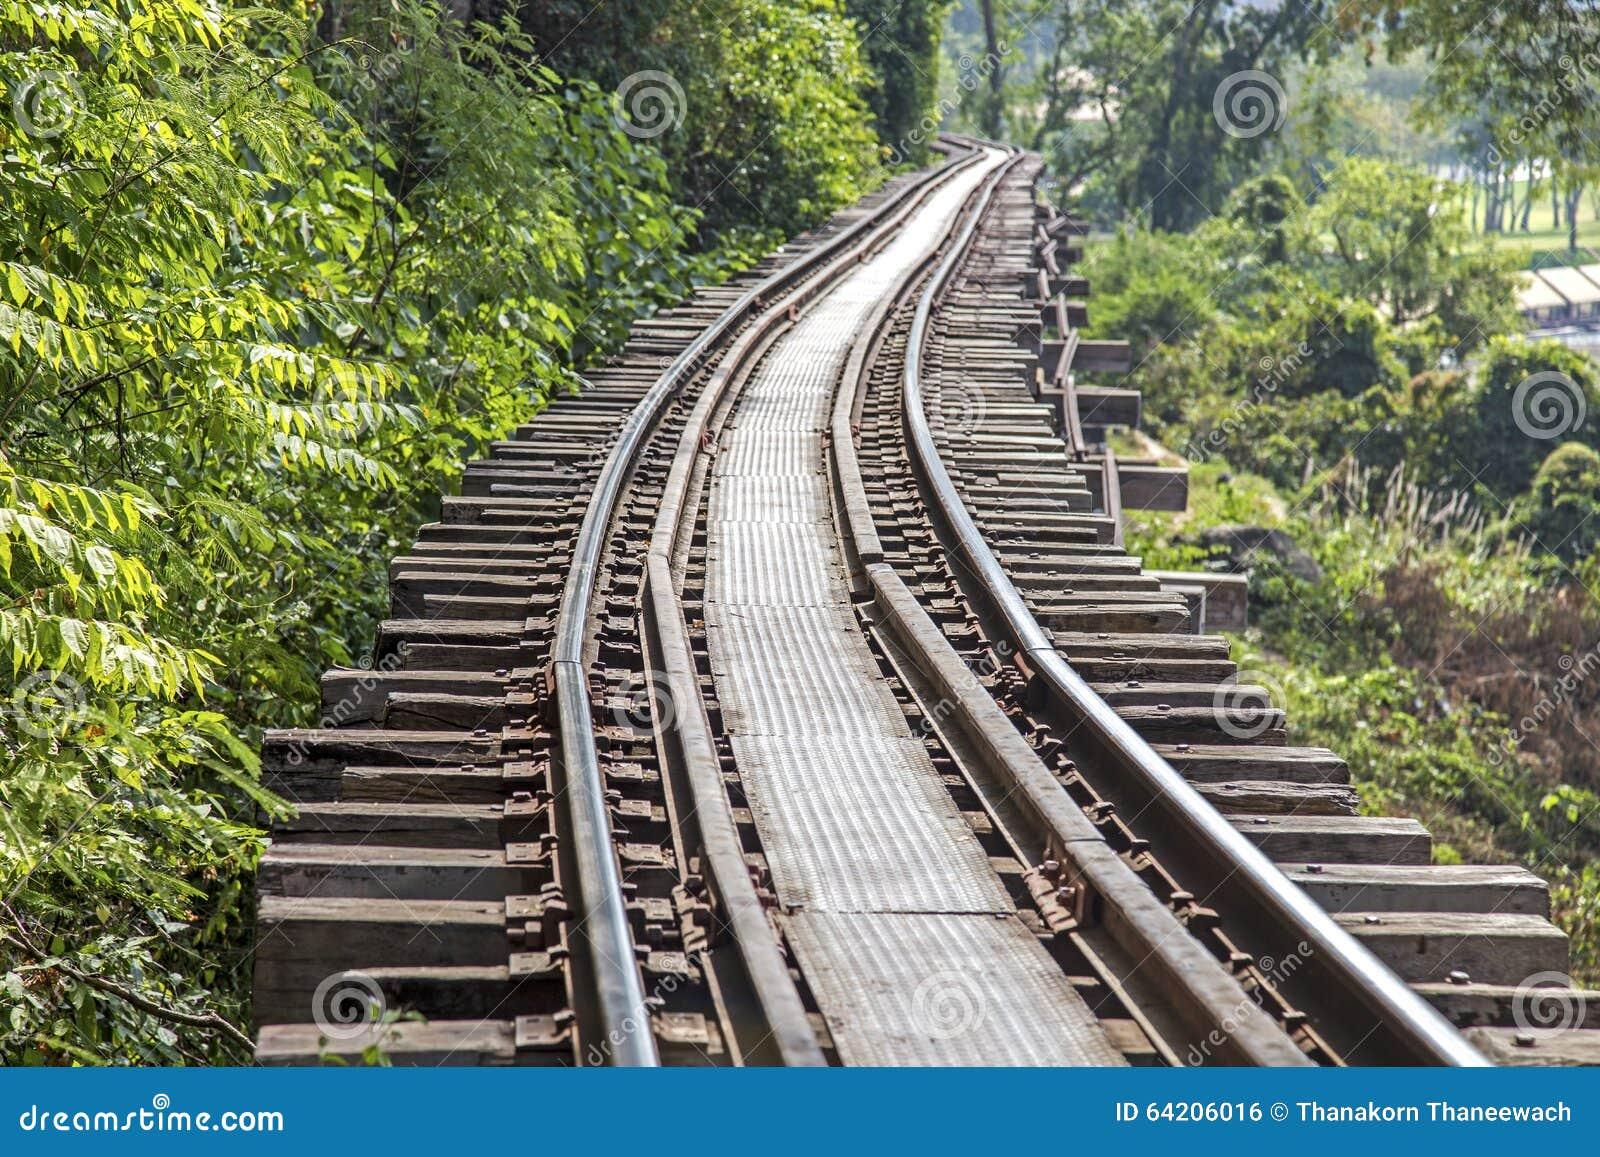 Pista ferroviaria en la provincia de Kanchanaburi, Tailandia